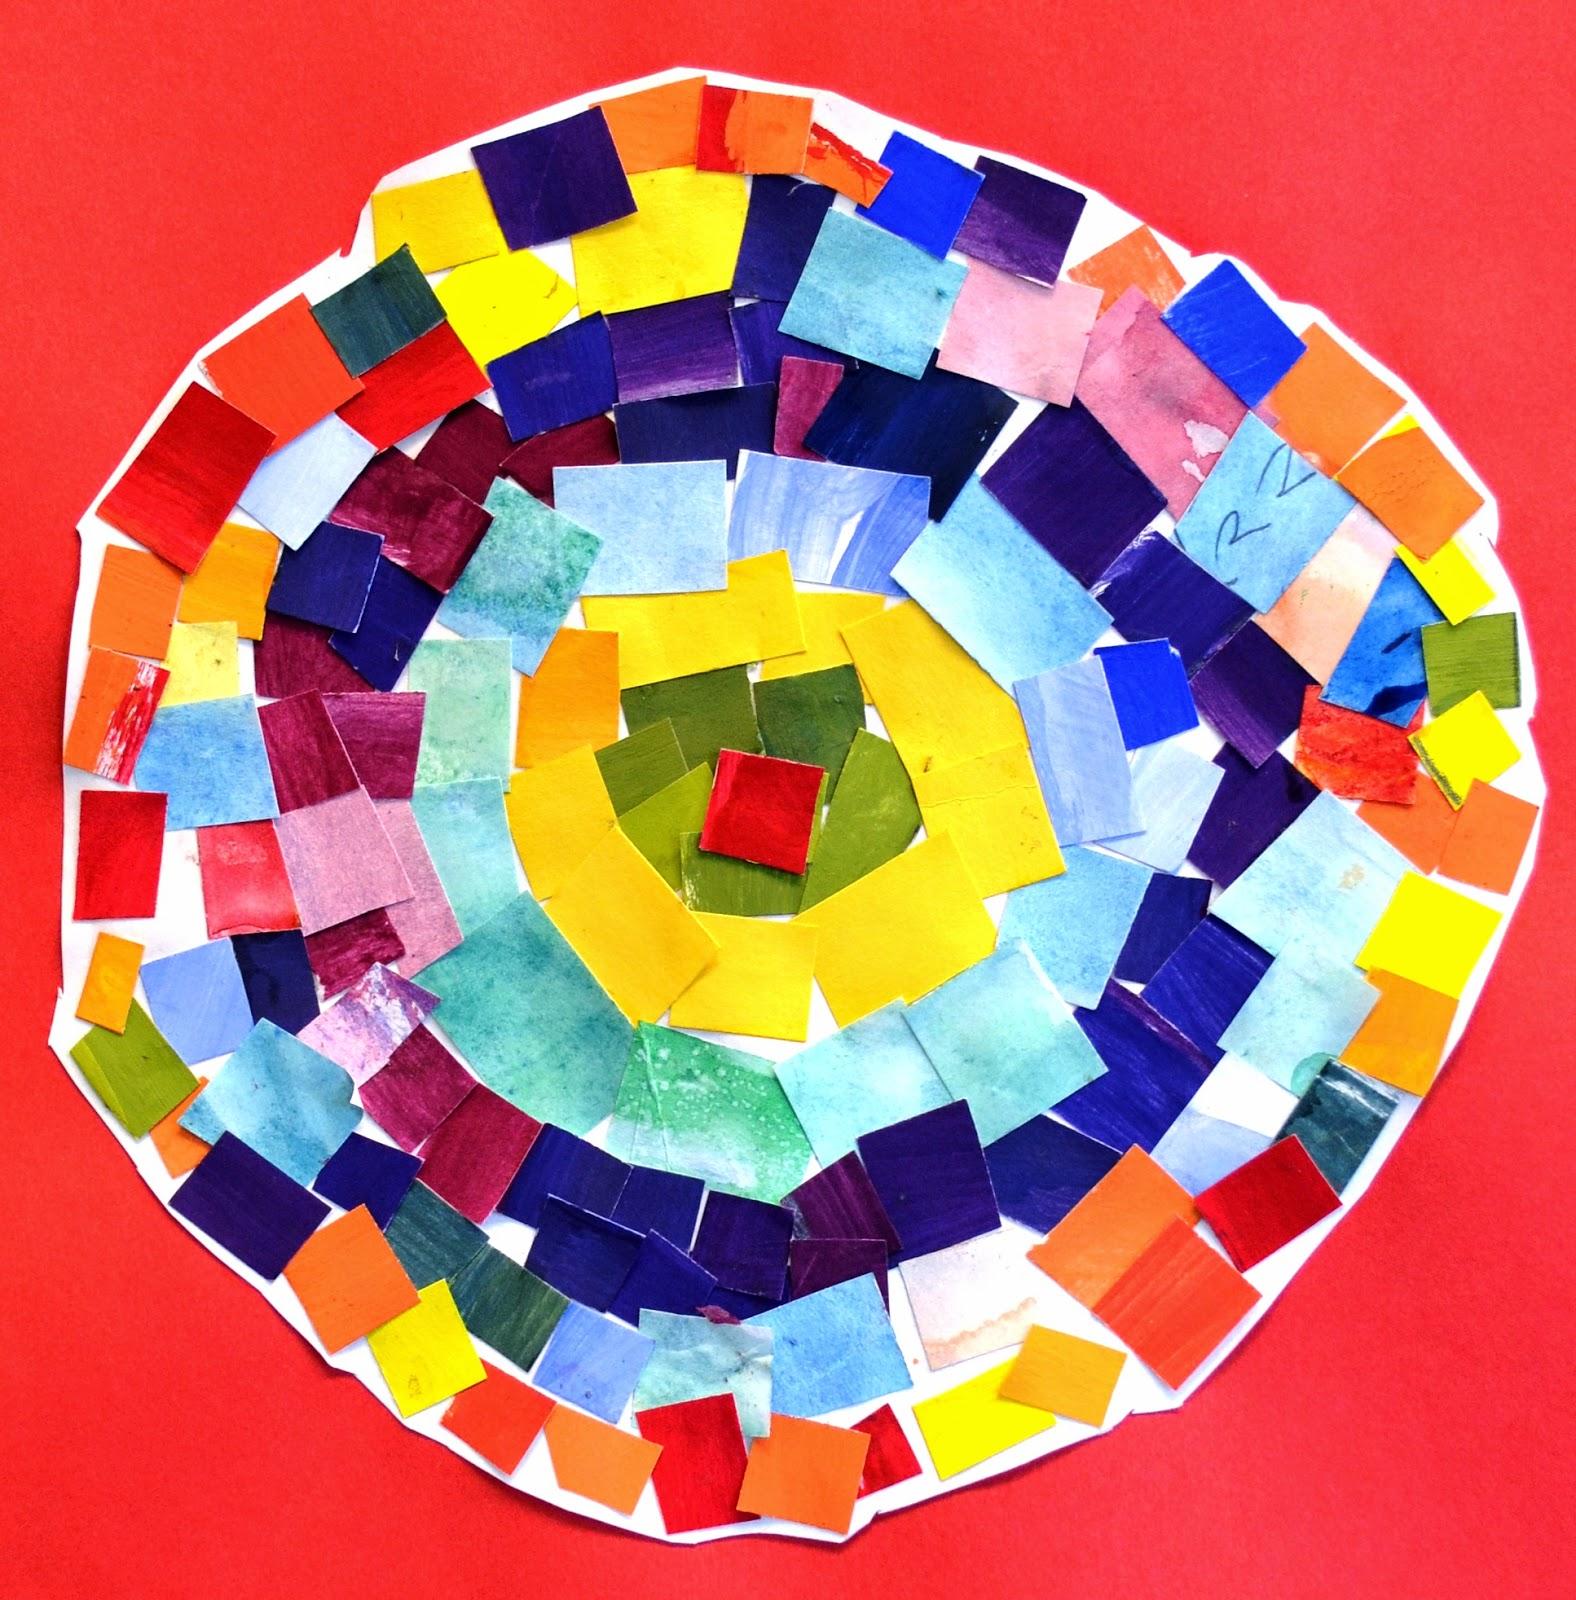 3rd edition essay focusing mosaic